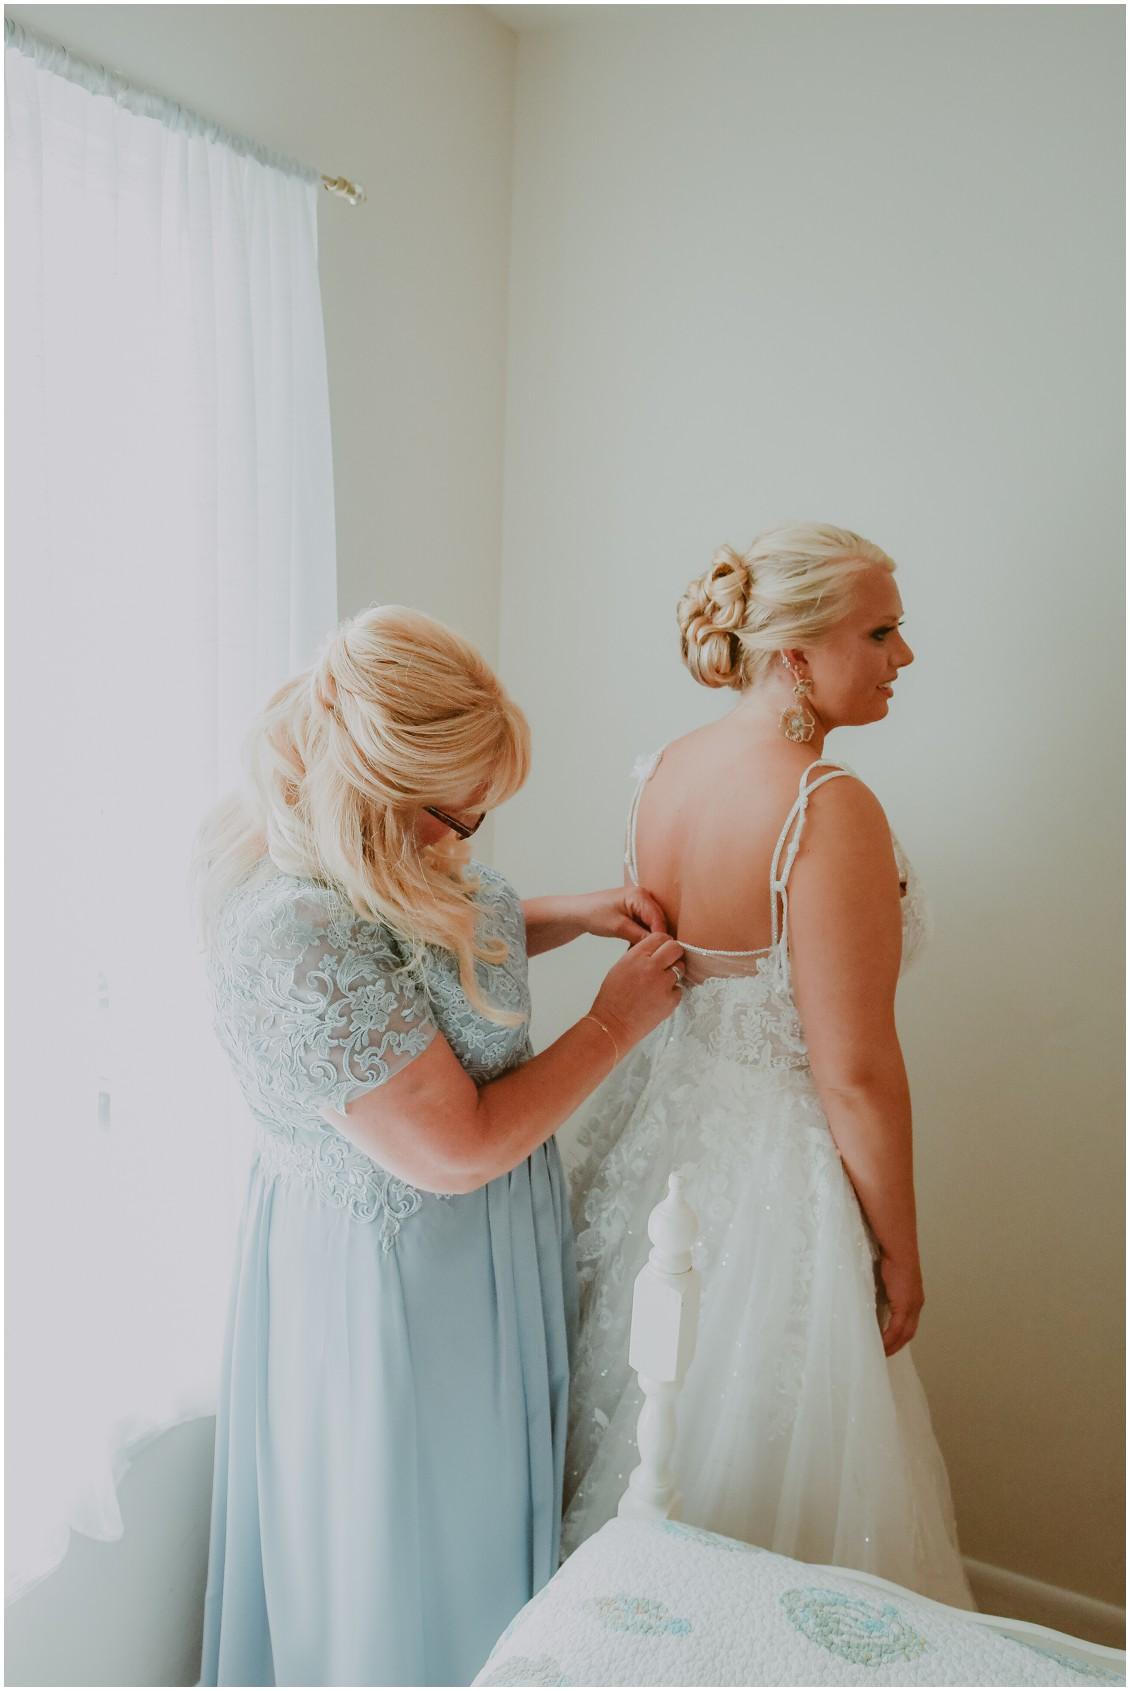 Bride getting ready | My Eastern Shore Wedding